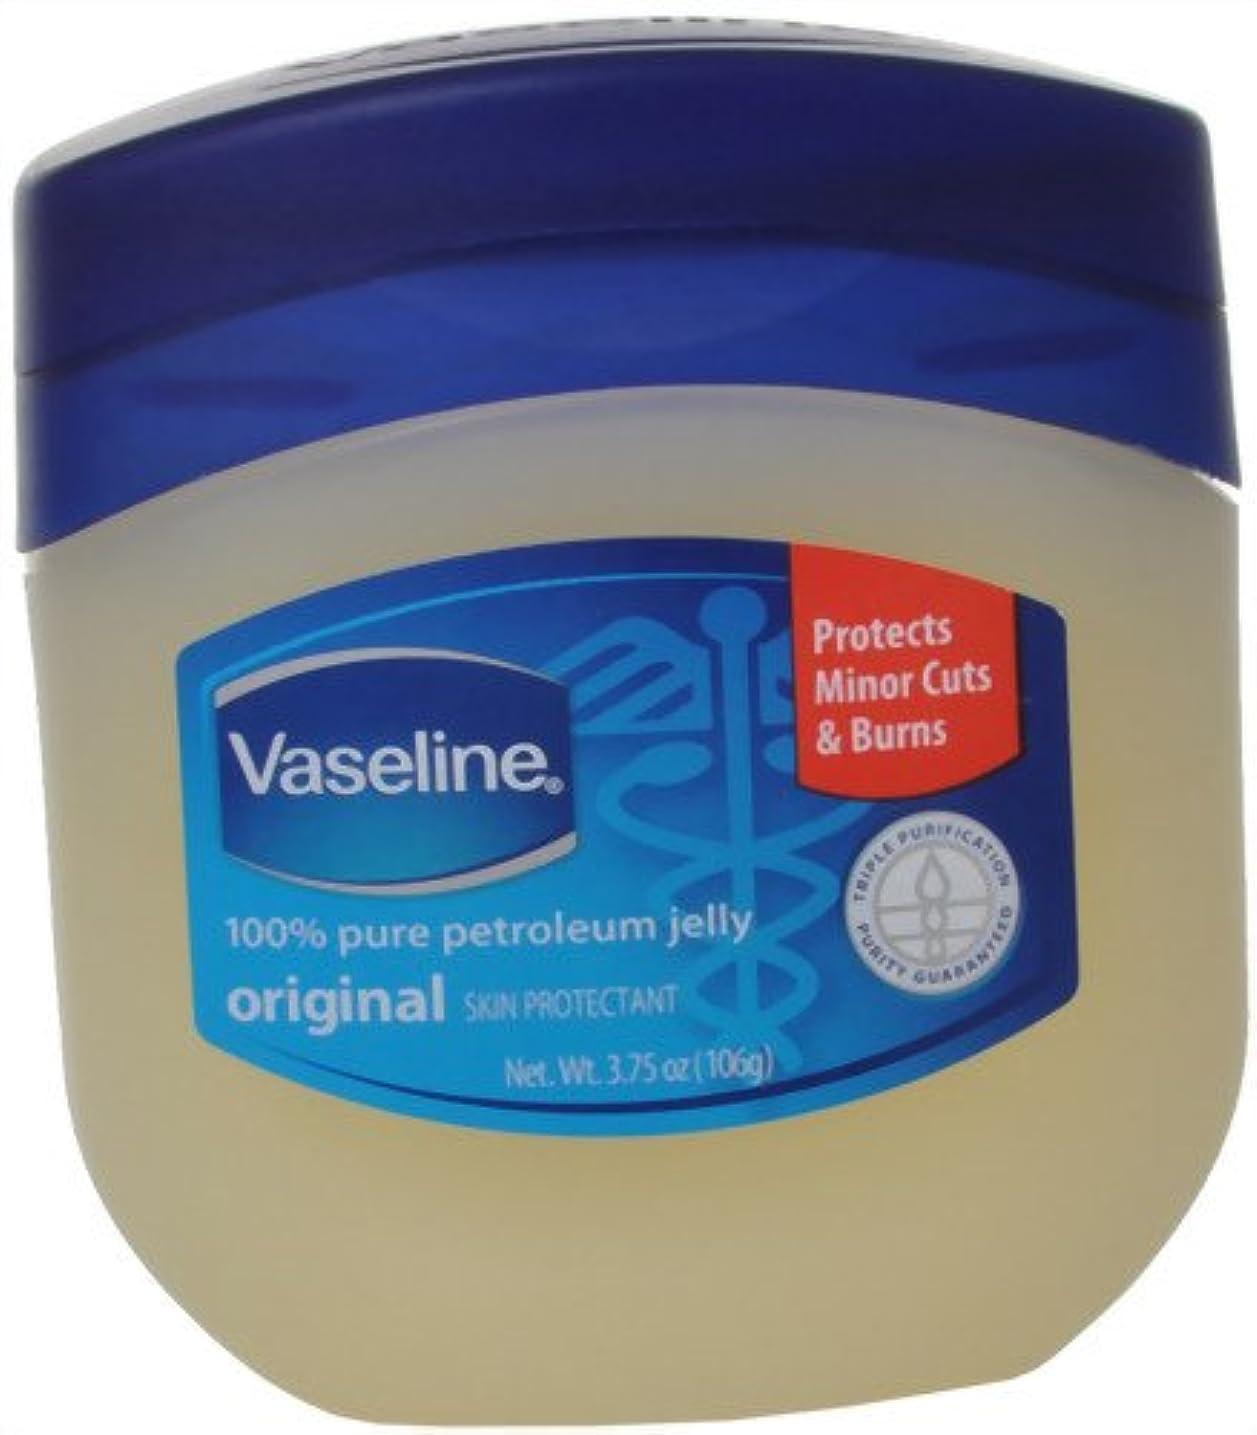 に賛成達成可能美しいヴァセリン ペトロリュームジェリー 保湿クリーム 106g